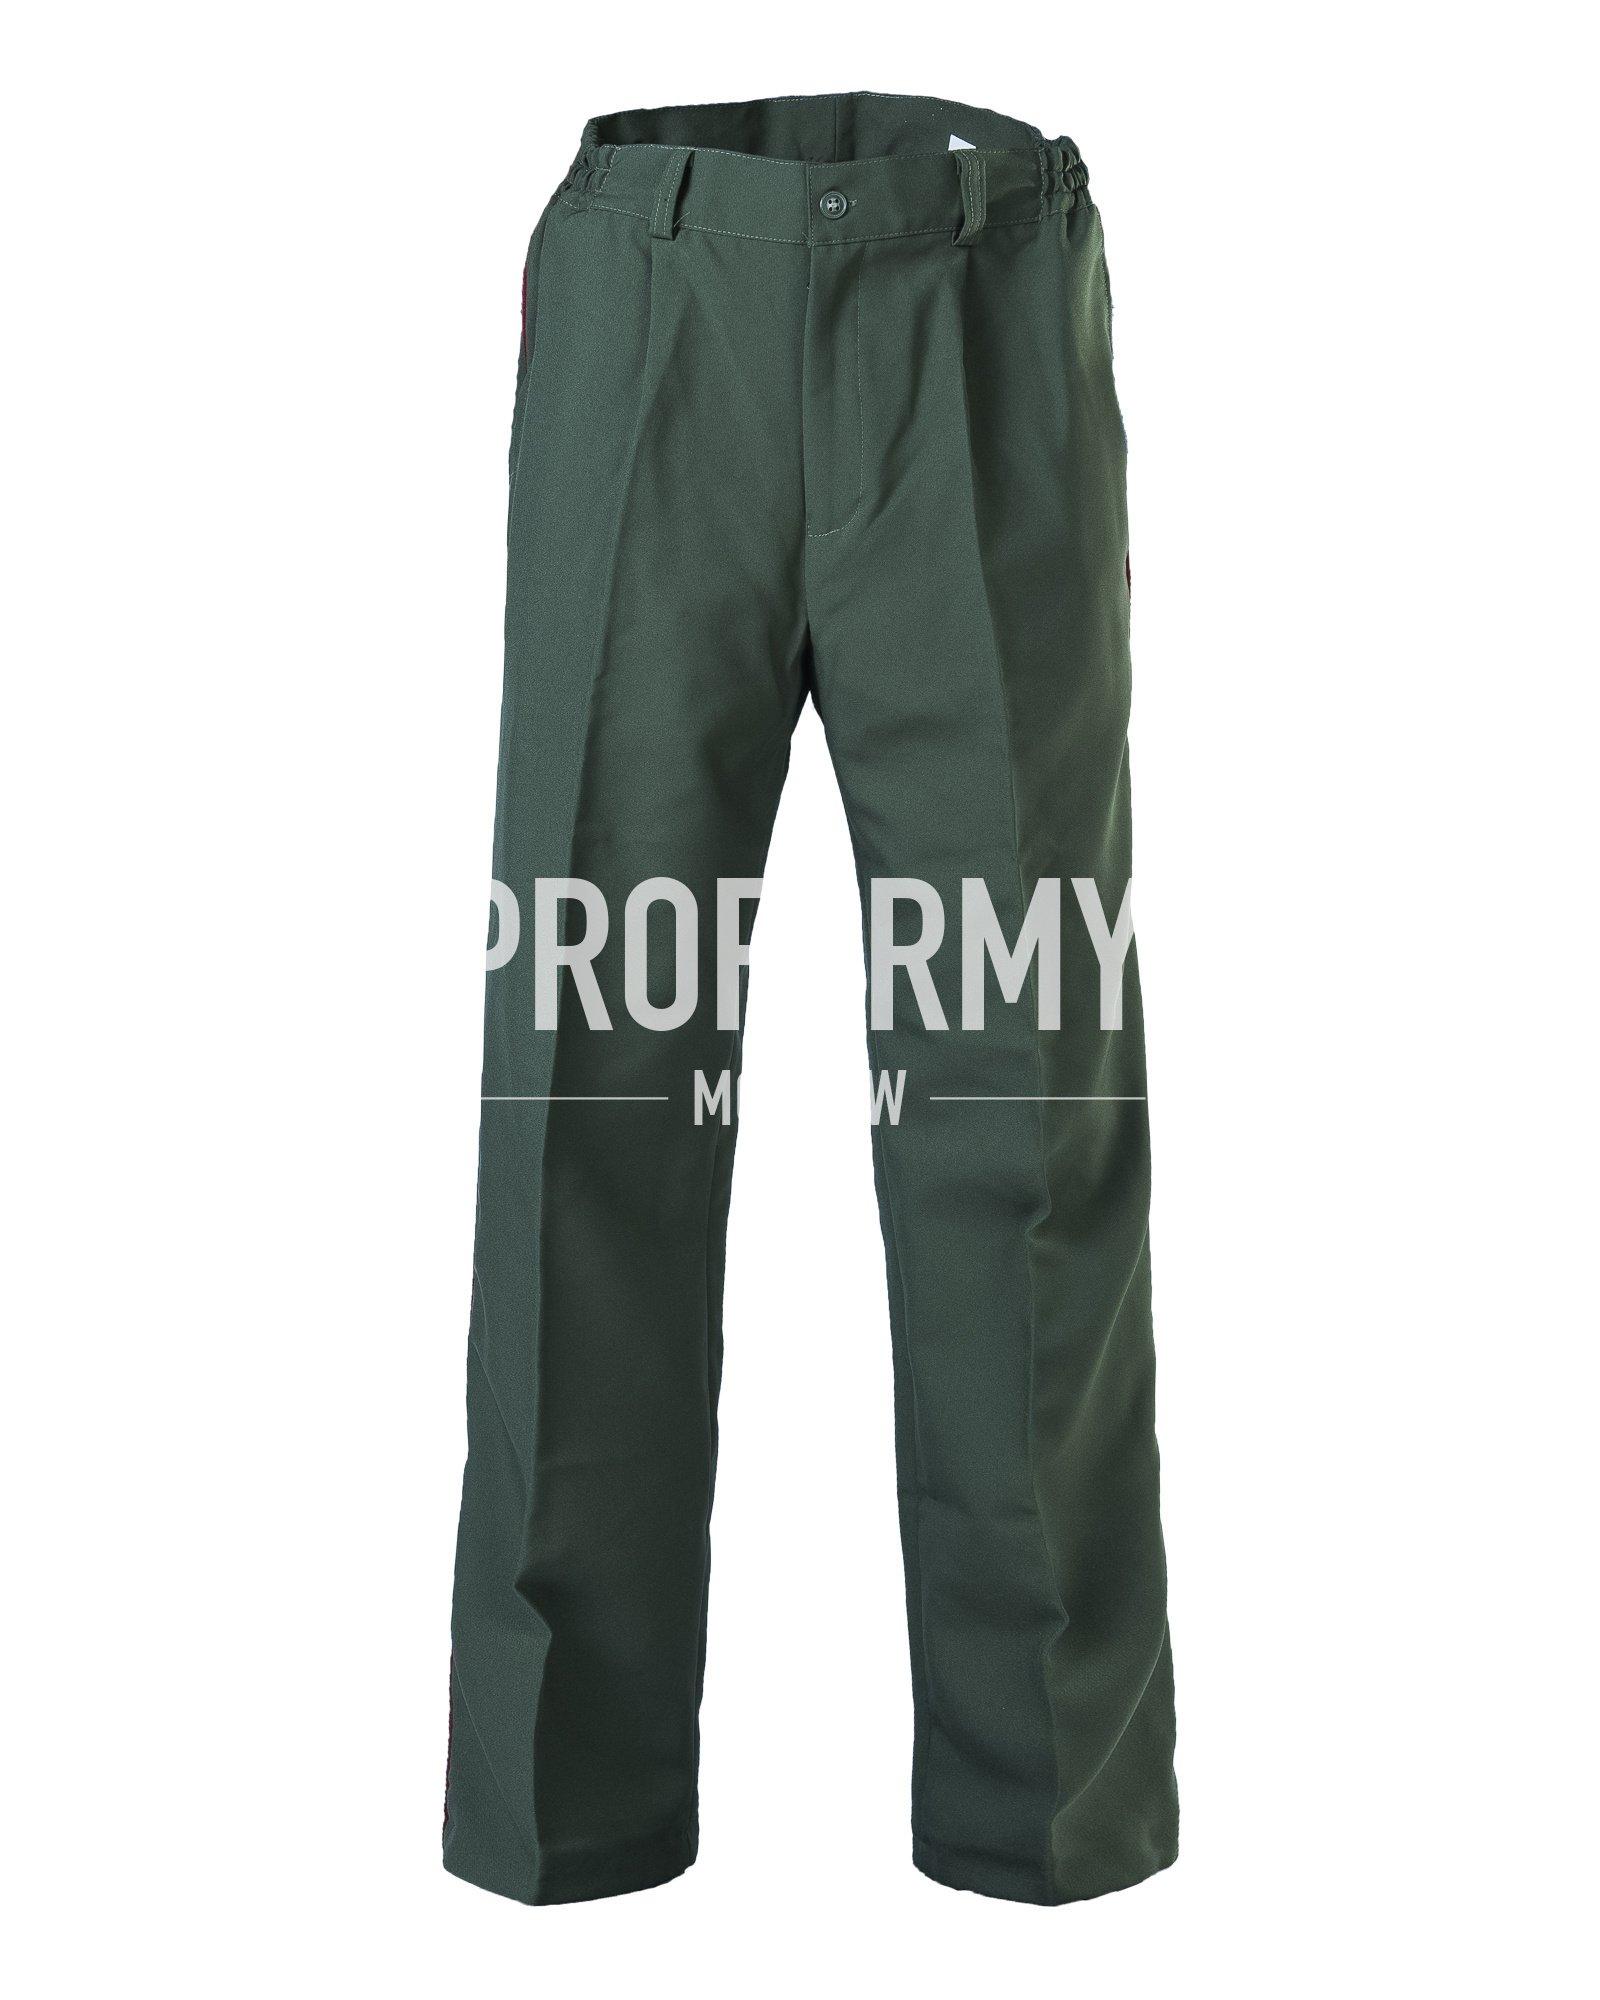 Брюки ВВ габардин хаки, Форменные брюки - арт. 861380347